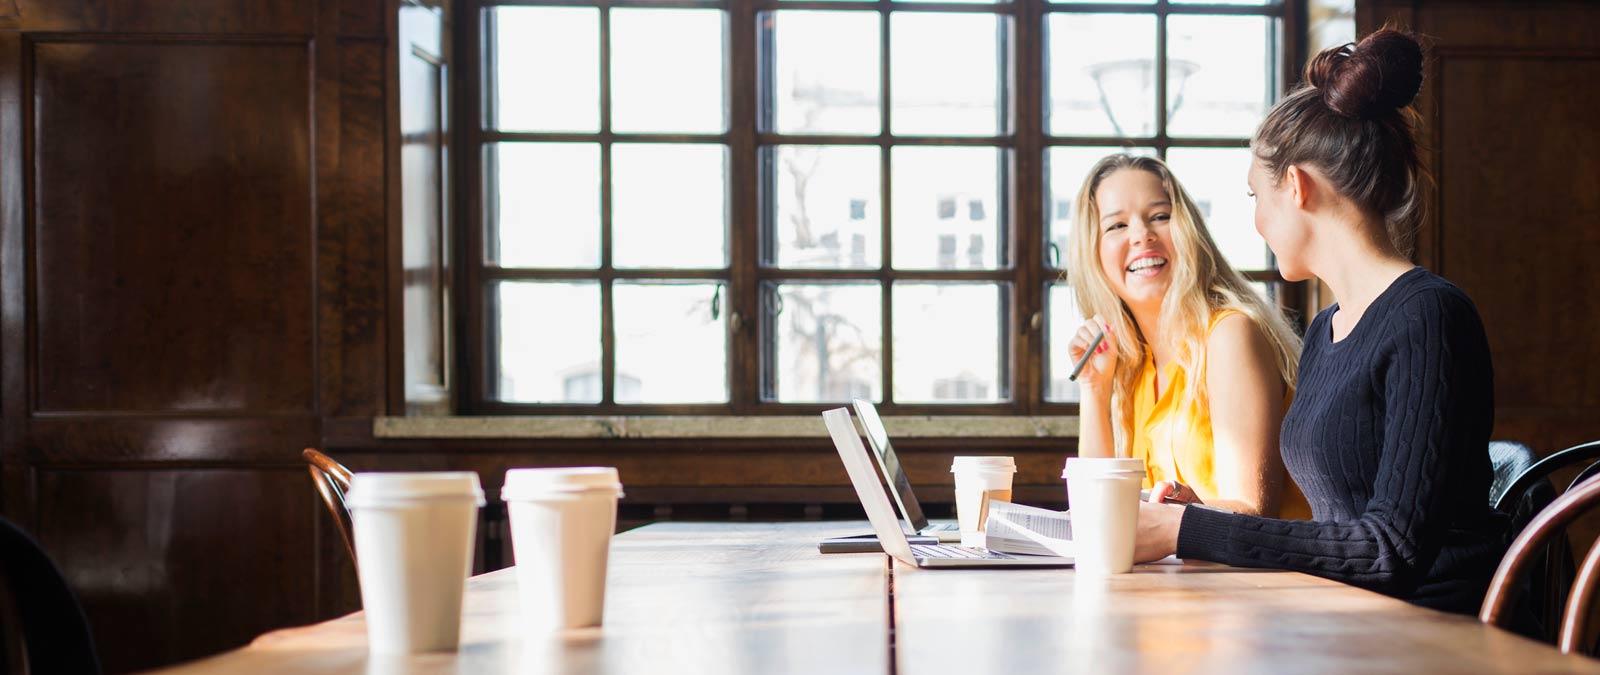 Twee vrouwen naast elkaar aan een tafel met Office 365 ProPlus op hun laptops.